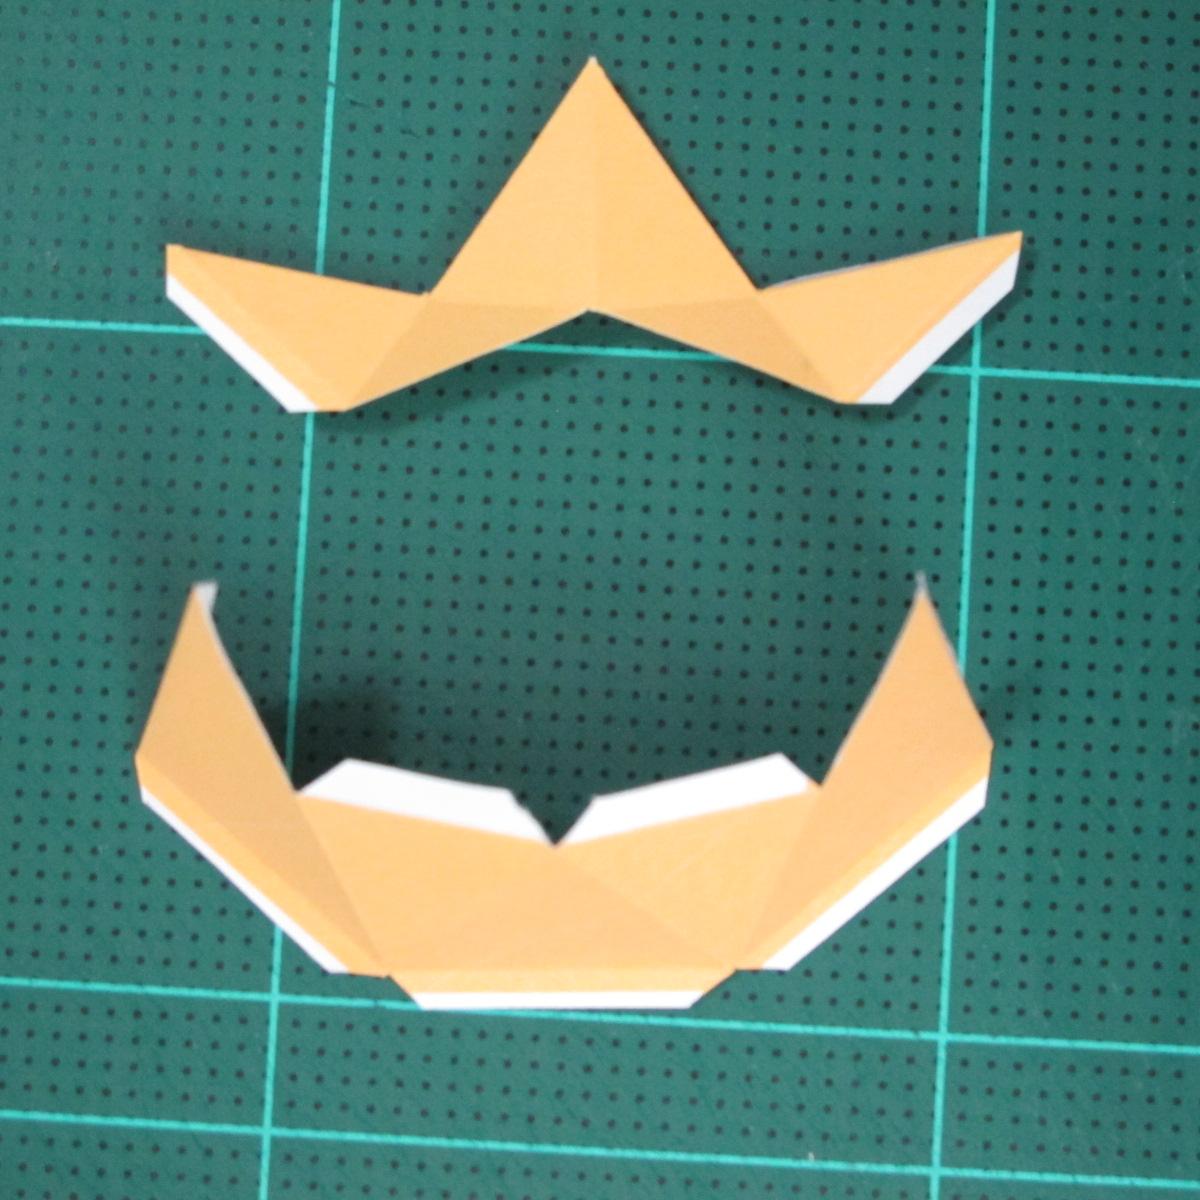 วิธีทำโมเดลกระดาษตุ้กตาสัตว์เลี้ยง หยดทองจากเกมส์ คุกกี้รัน (LINE Cookie Run Gold Drop Papercraft Model - クッキーラン  「黄金ドロップ」 ペーパークラフト) 005